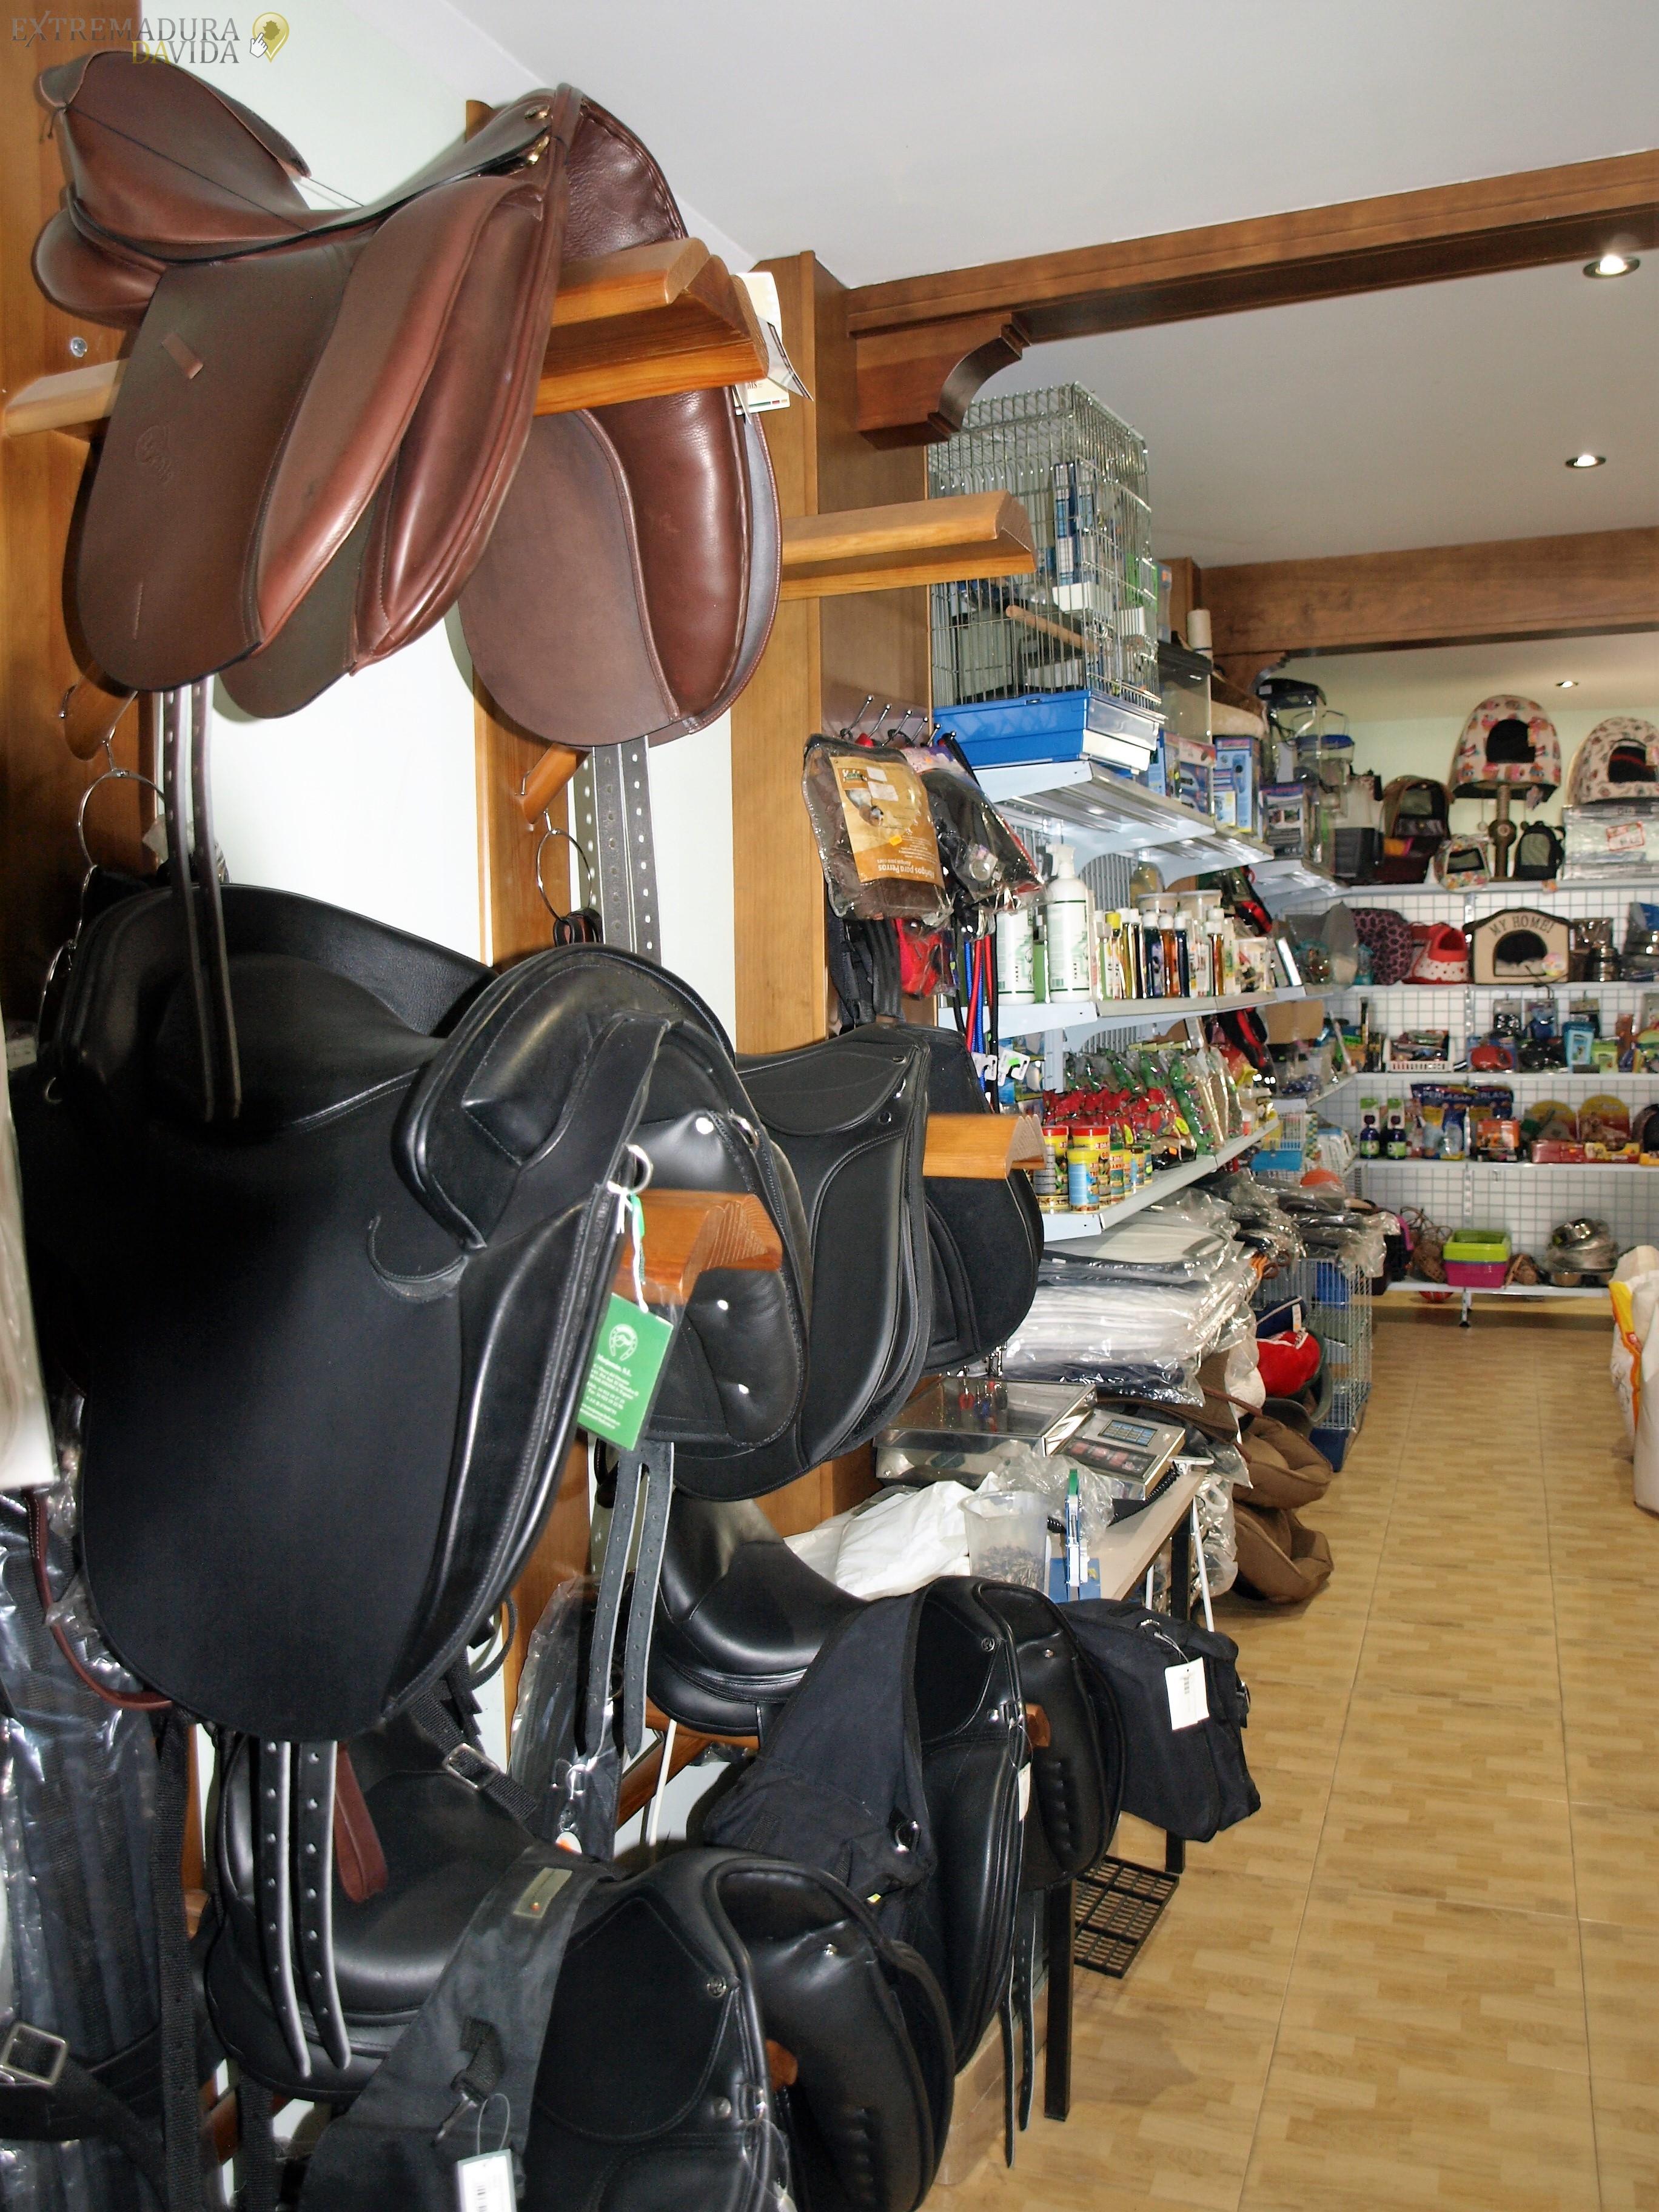 tienda de equitacion caceres mi aficion – arroyo de la luz